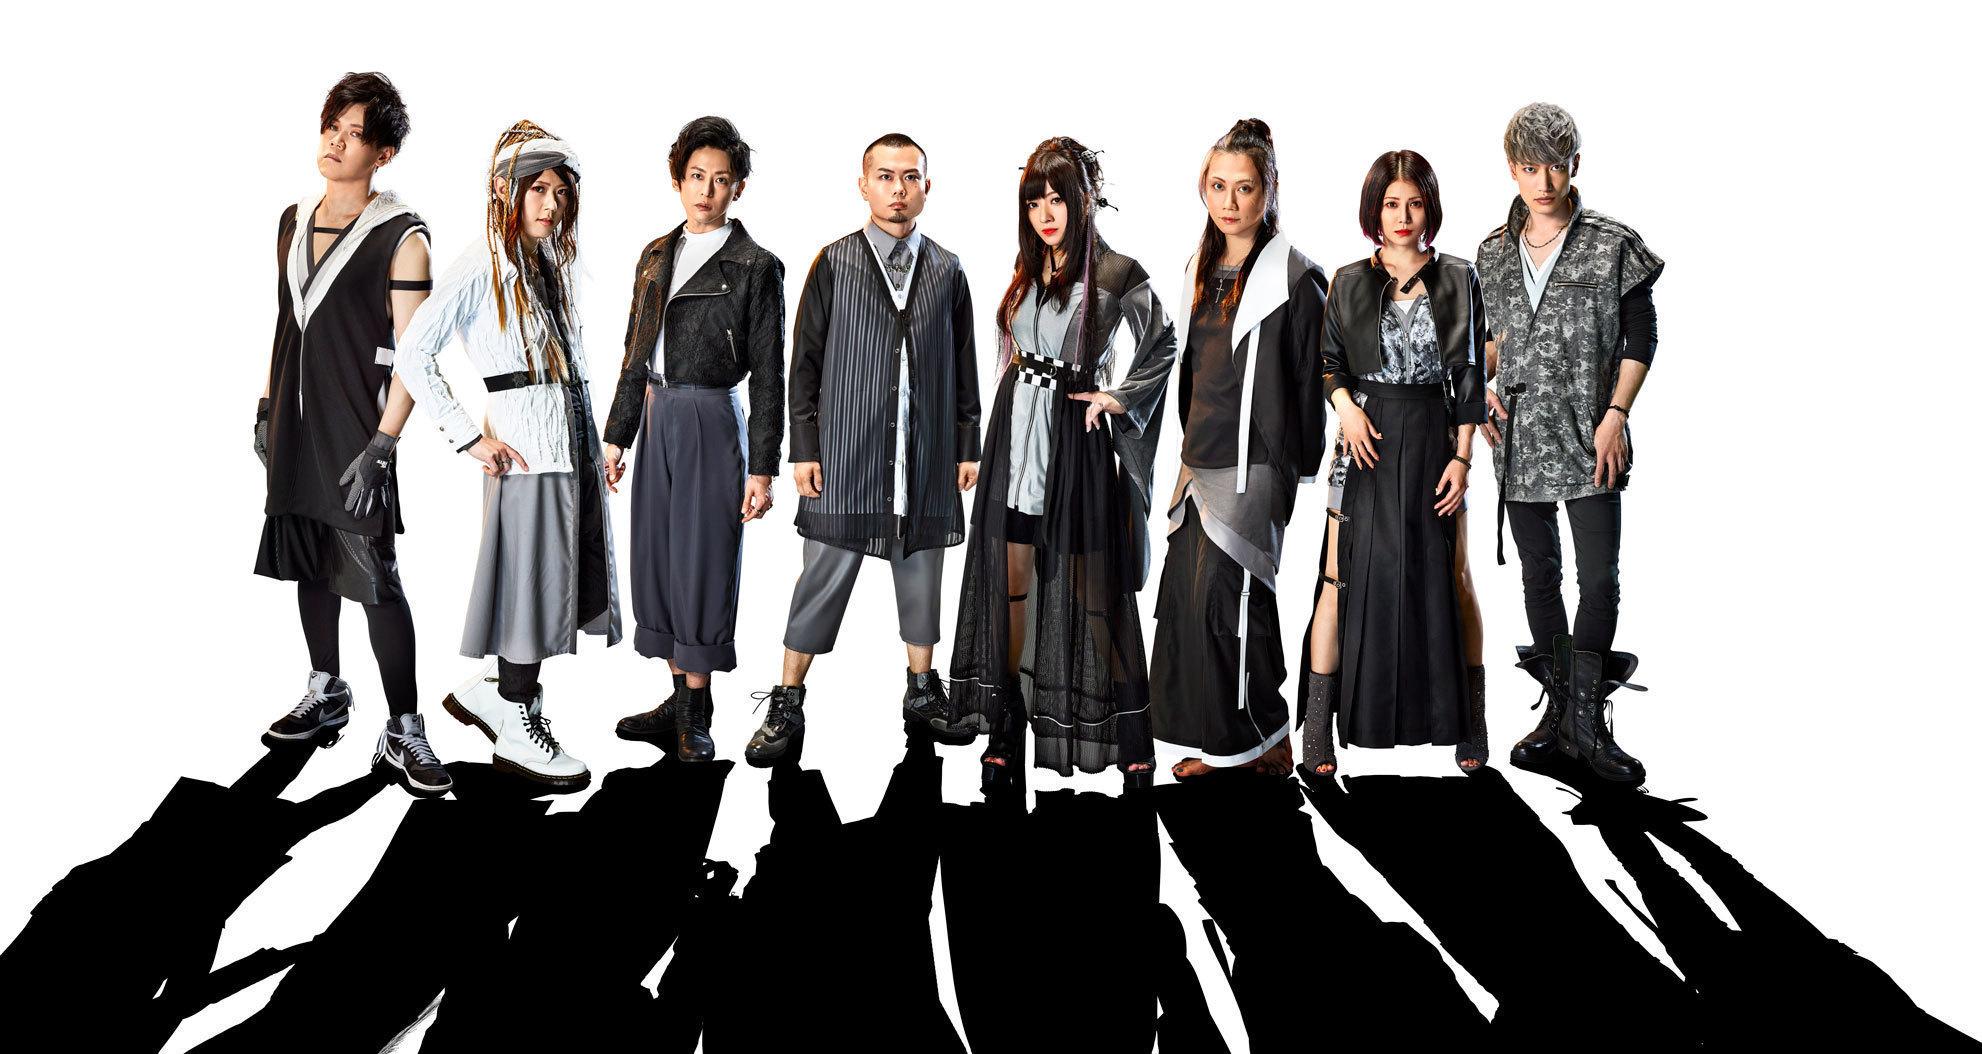 和楽器バンド 今秋より全国ツアー開催決定!「和楽器バンド Japan Tour 2020 TOKYO SINGING」